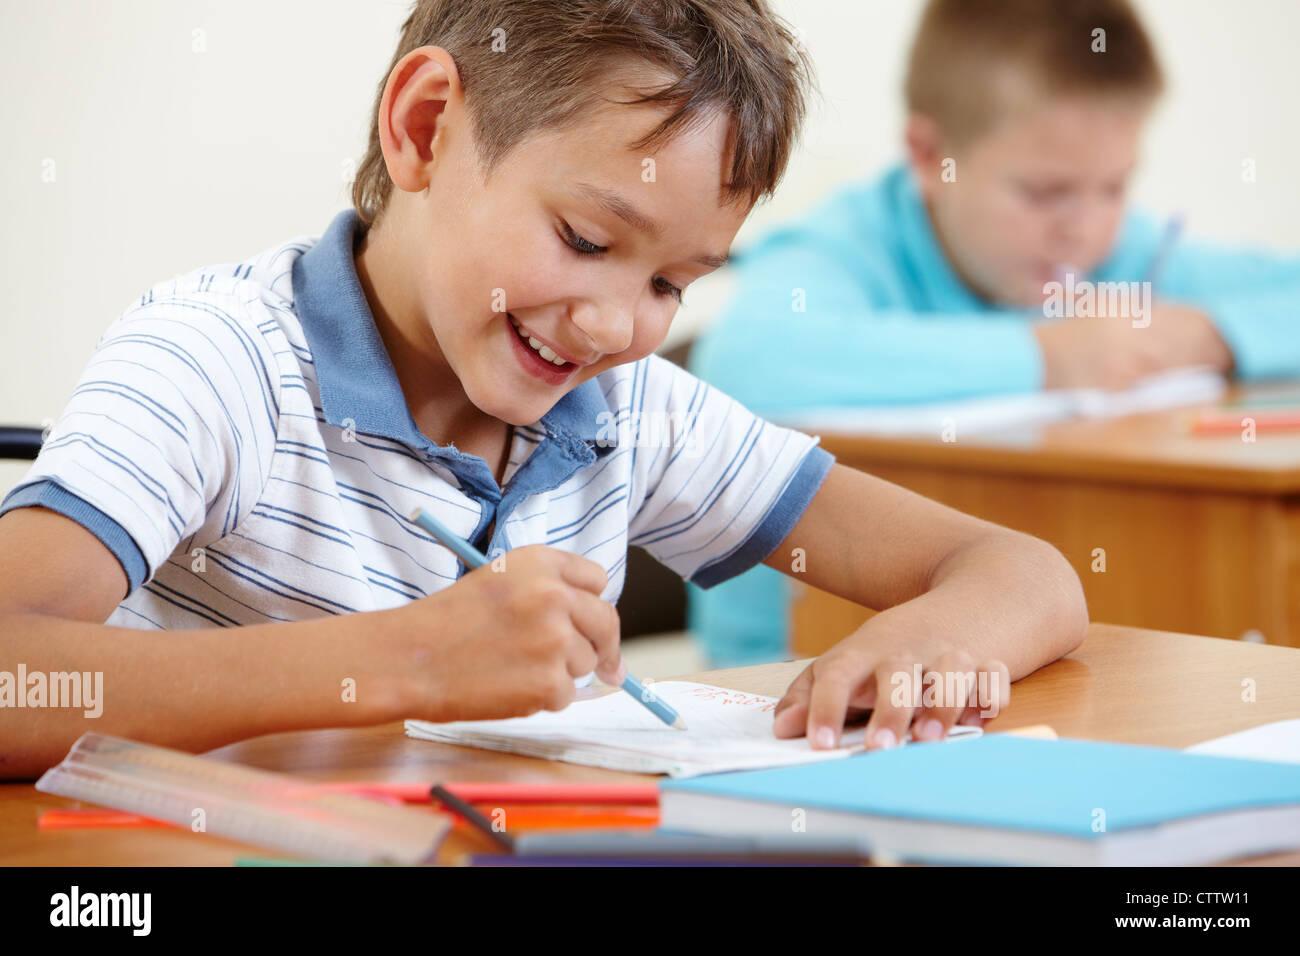 Ritratto di smart lad disegno a lezione con un compagno di classe sullo sfondo Immagini Stock